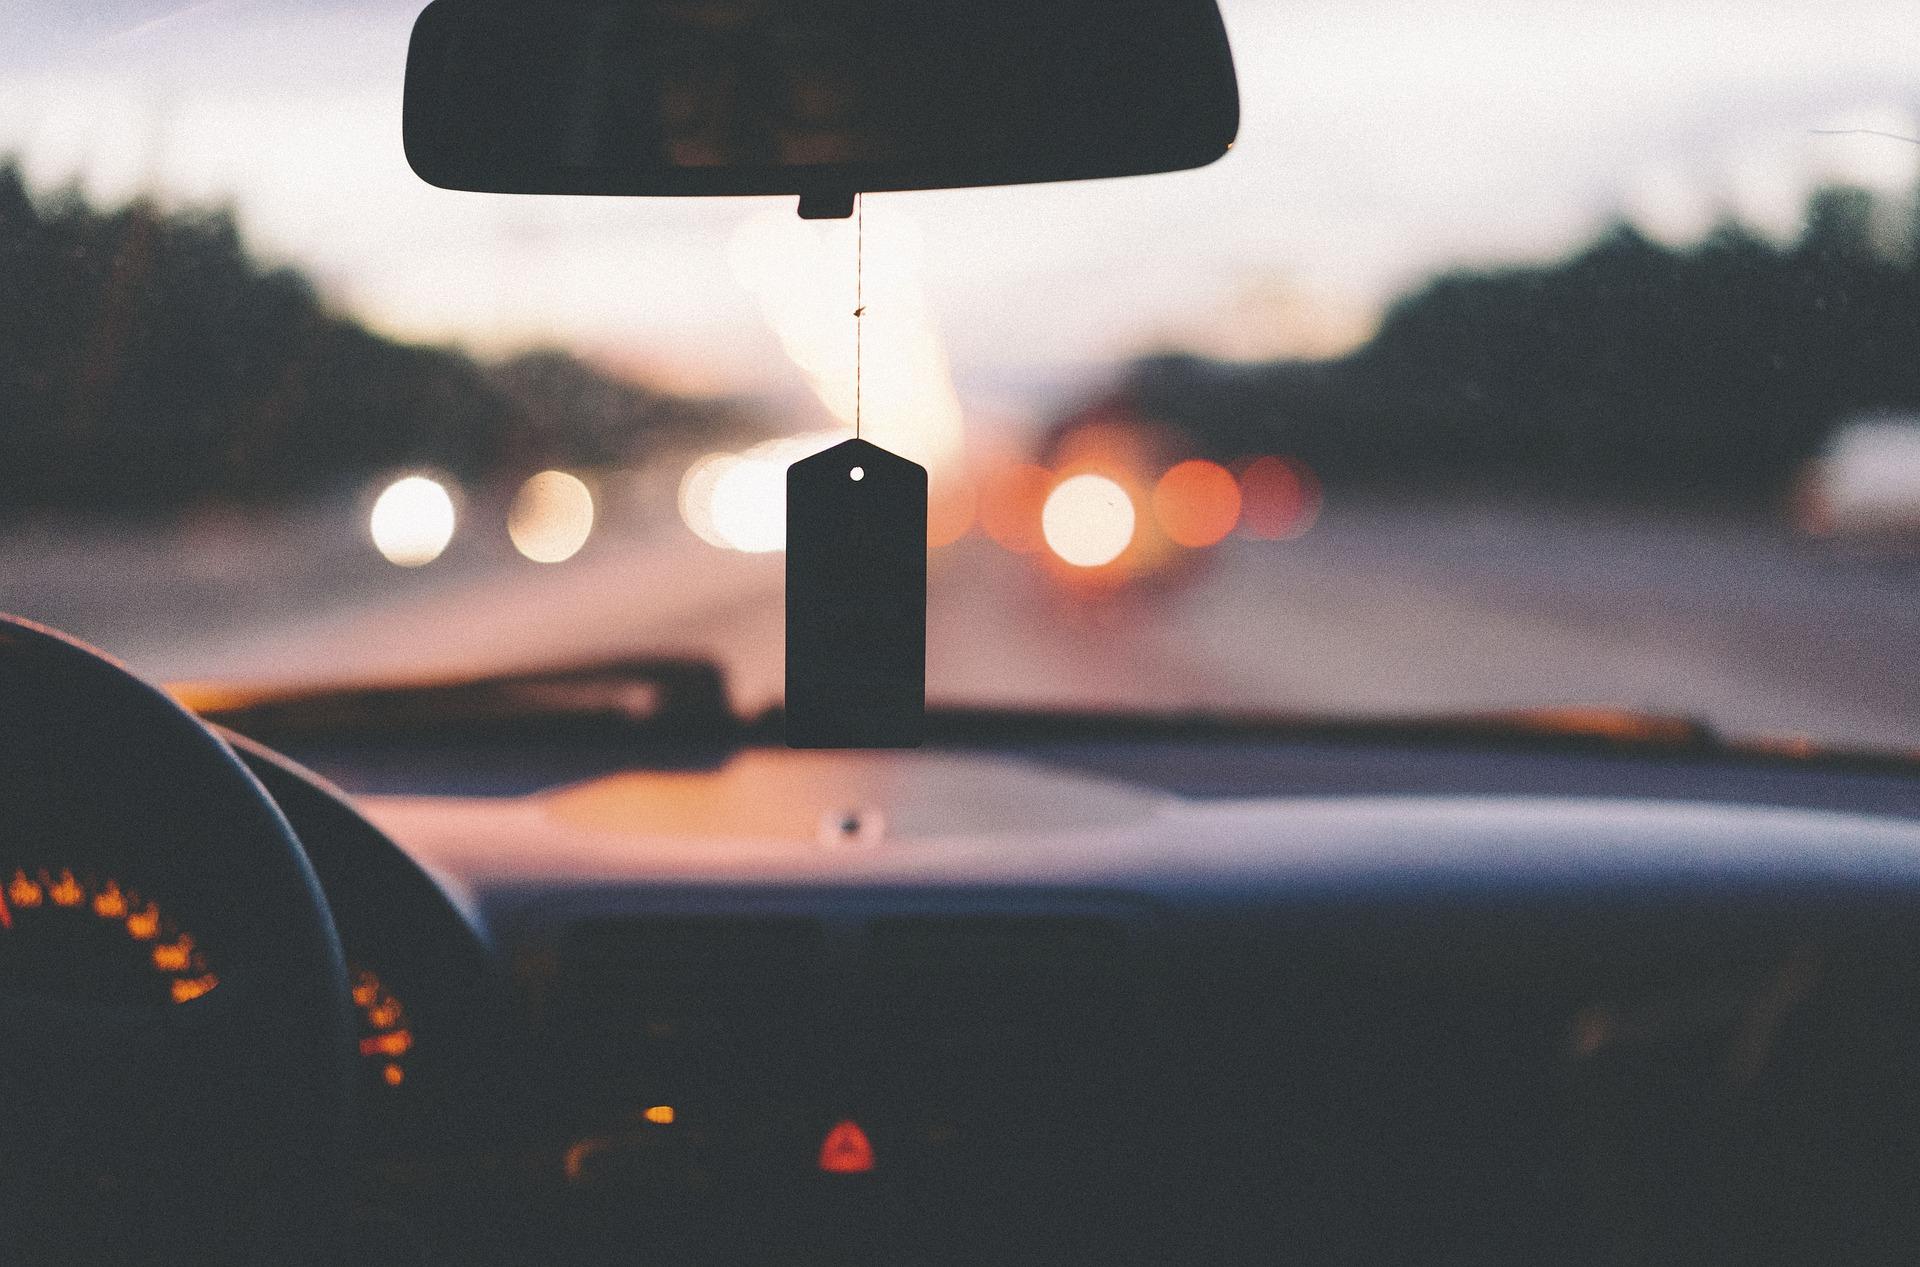 Casi el 60% de los conductores ha experimentado micro-sueños durante la conducción